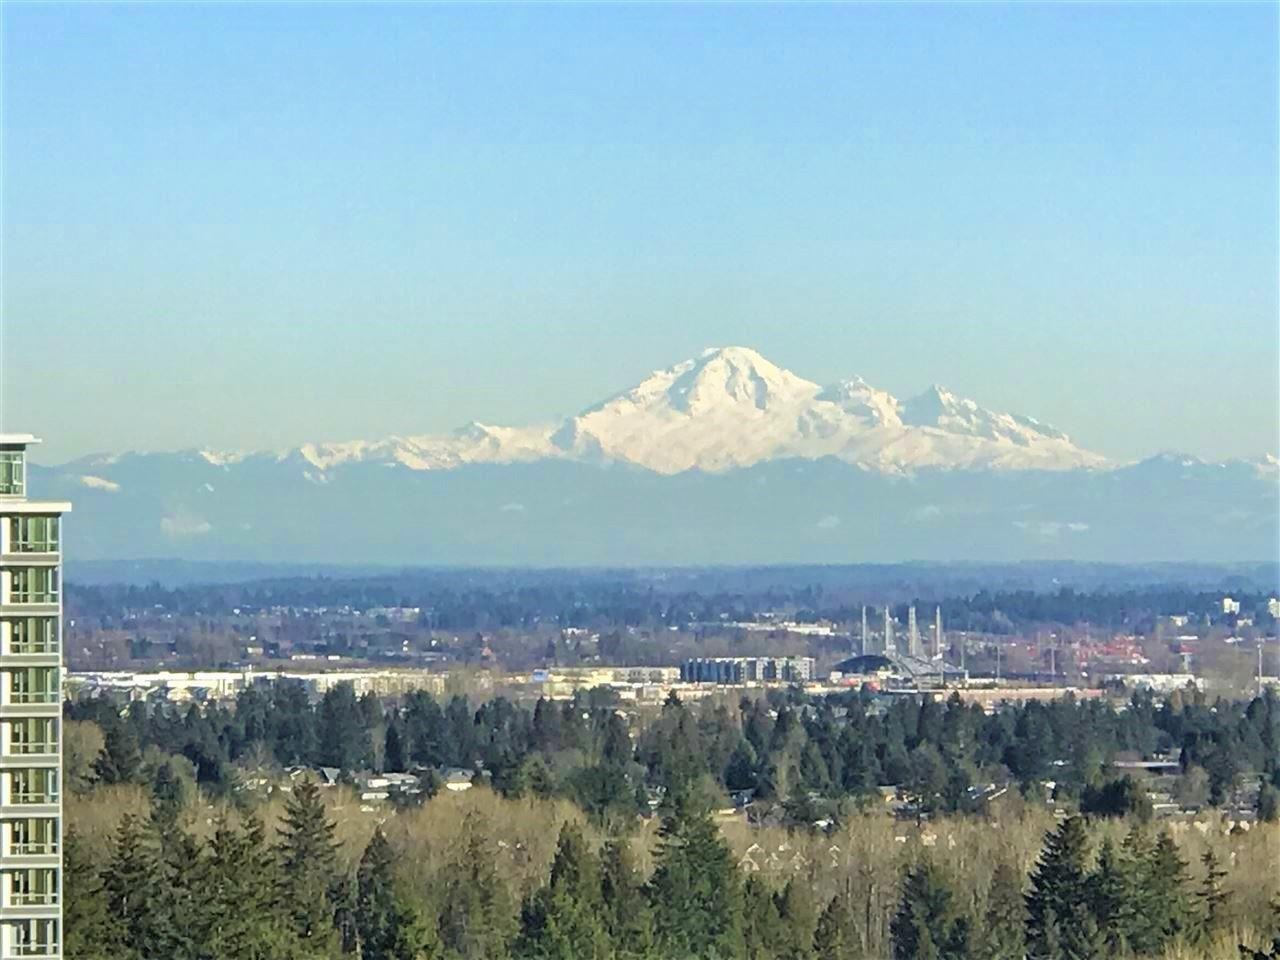 Main Photo: 3602 2975 ATLANTIC AVENUE in Coquitlam: North Coquitlam Condo for sale : MLS®# R2525604